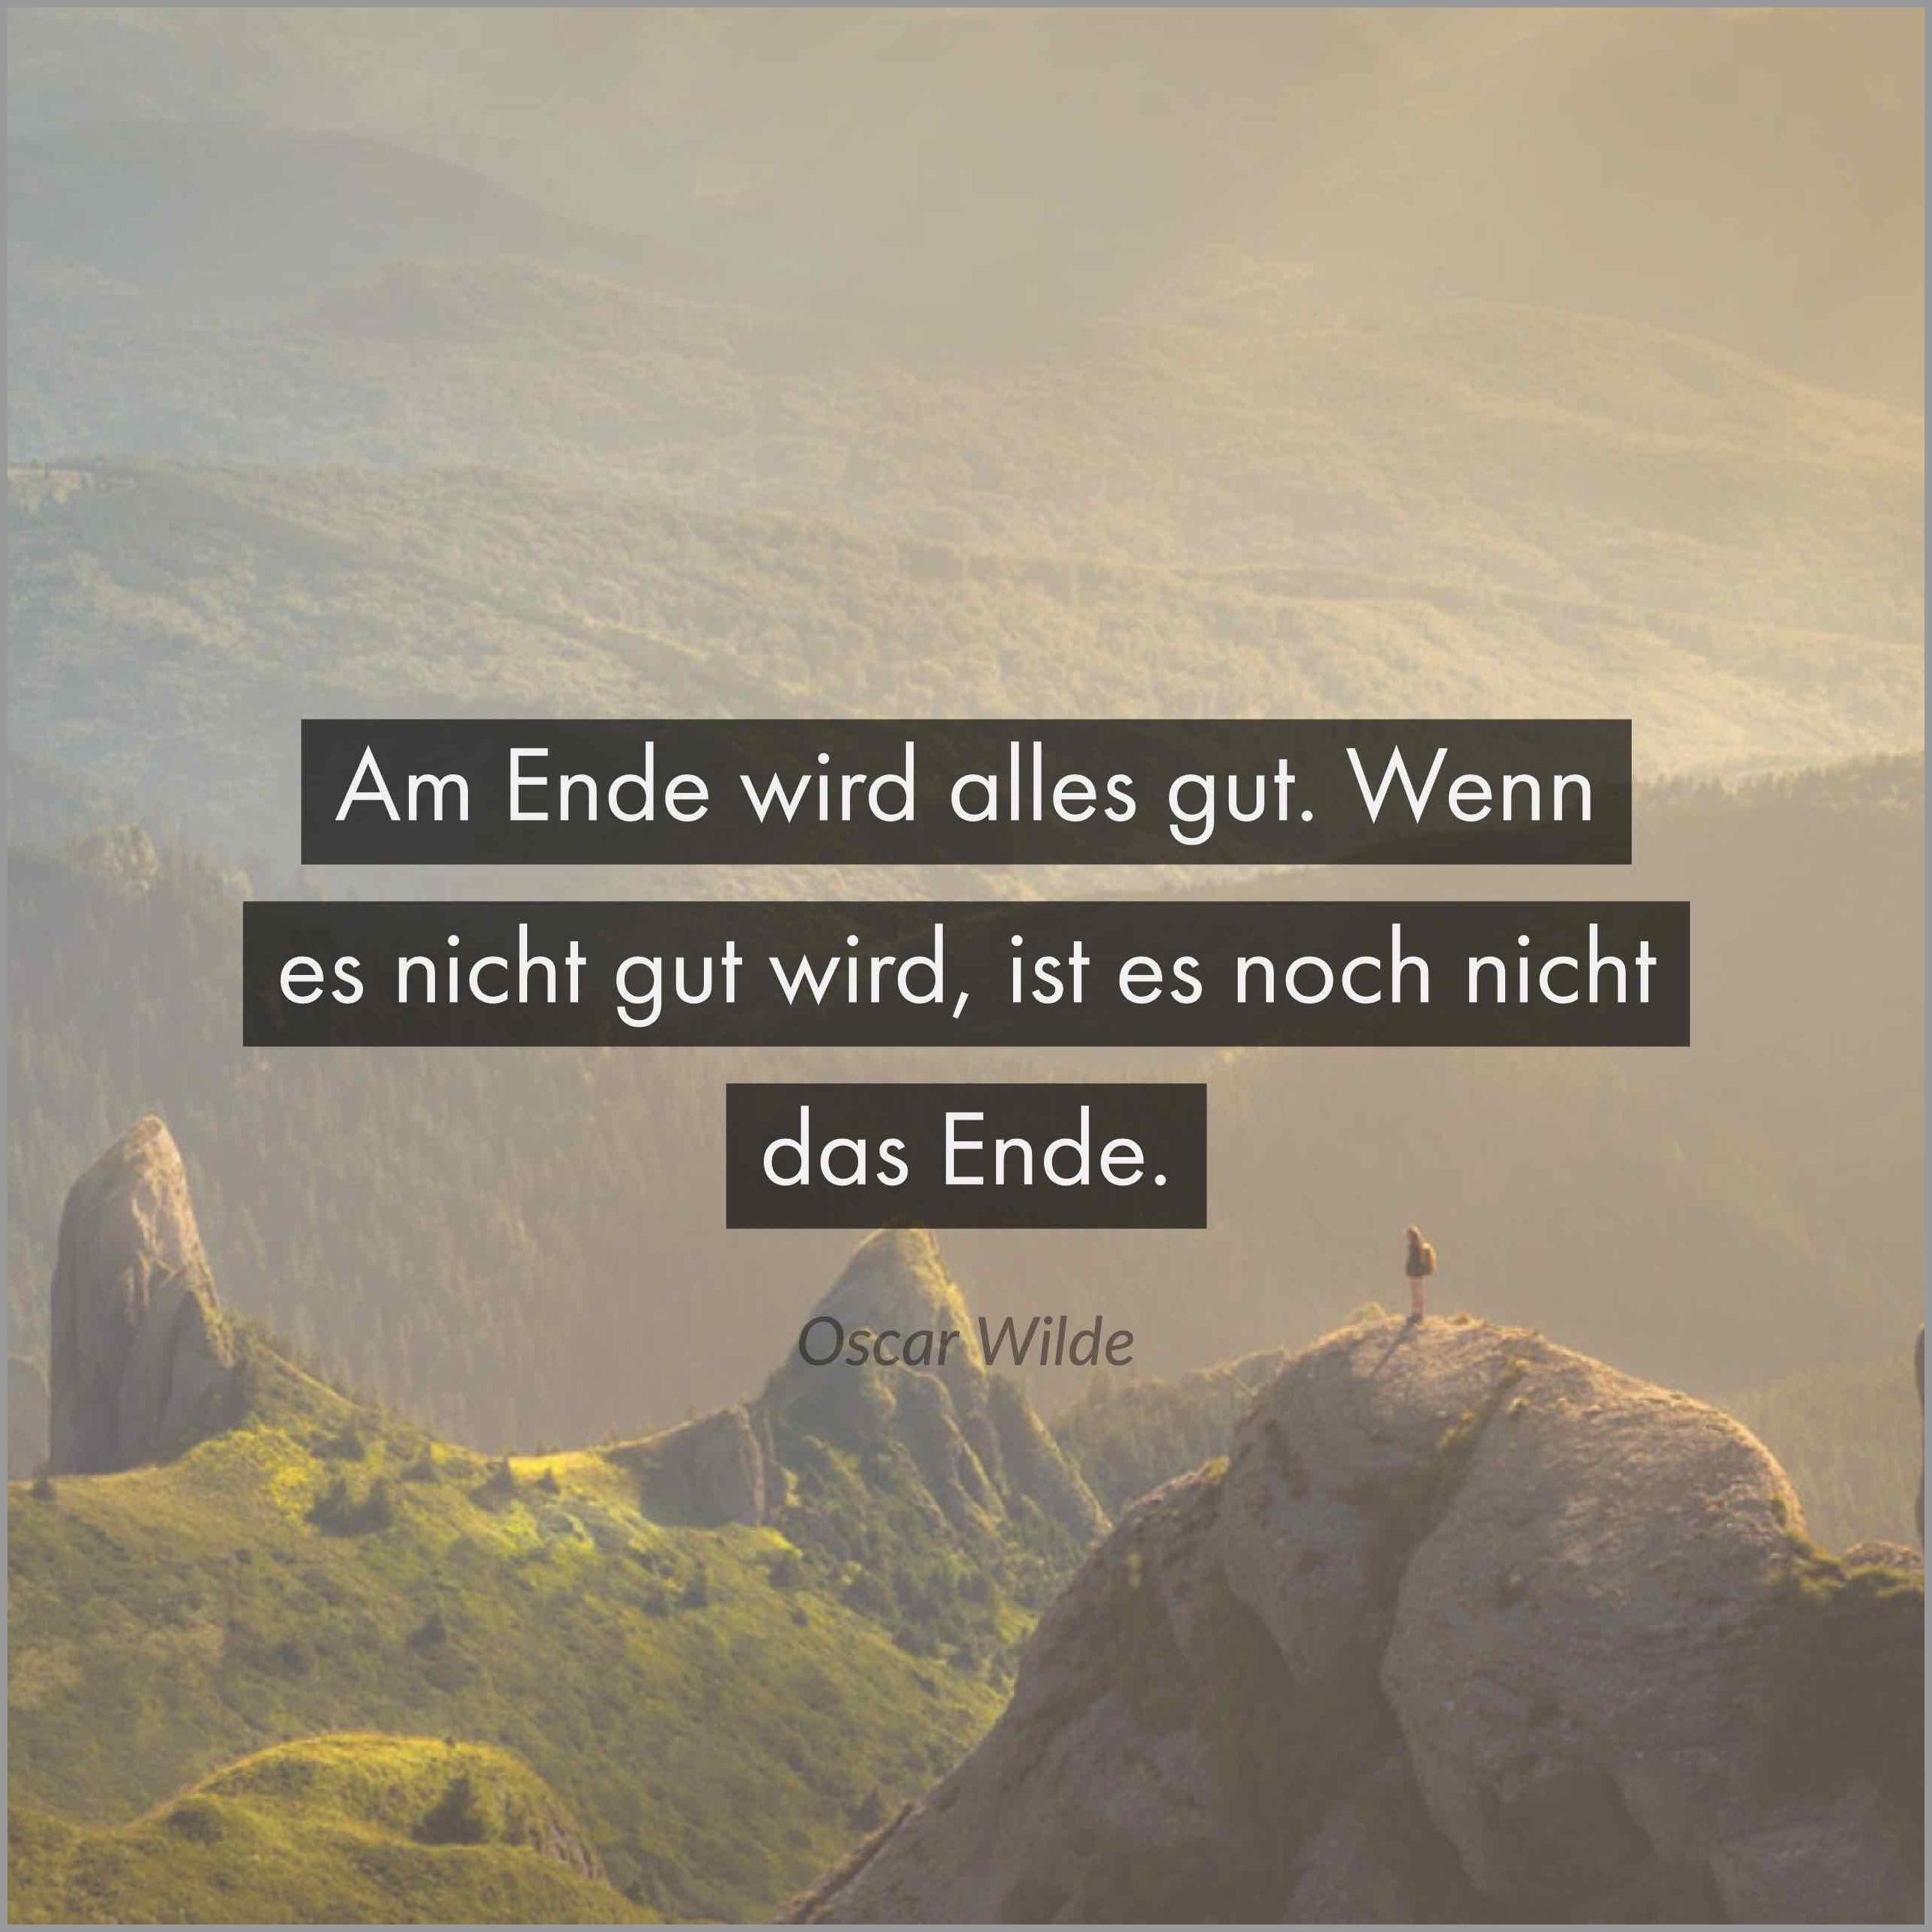 Am ende wird alles gut wenn es nicht gut wird ist es noch nicht das ende - Am ende wird alles gut wenn es nicht gut wird ist es noch nicht das ende